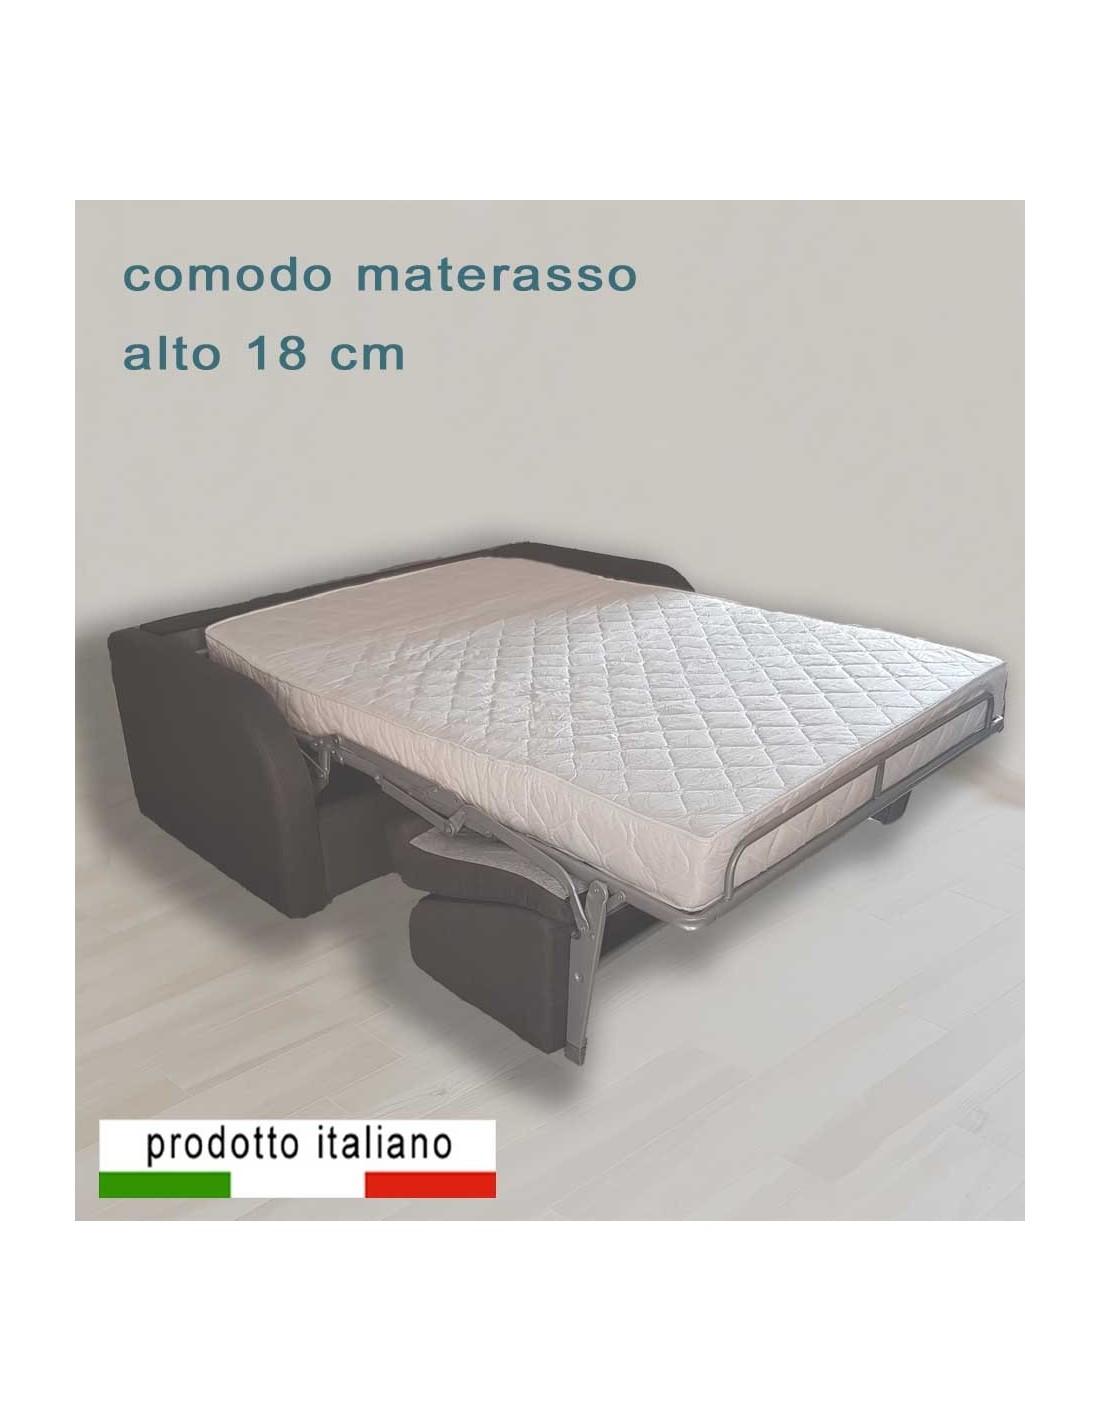 Divano Letto Materasso 25 Cm.Sb Relax Bed And Sofa